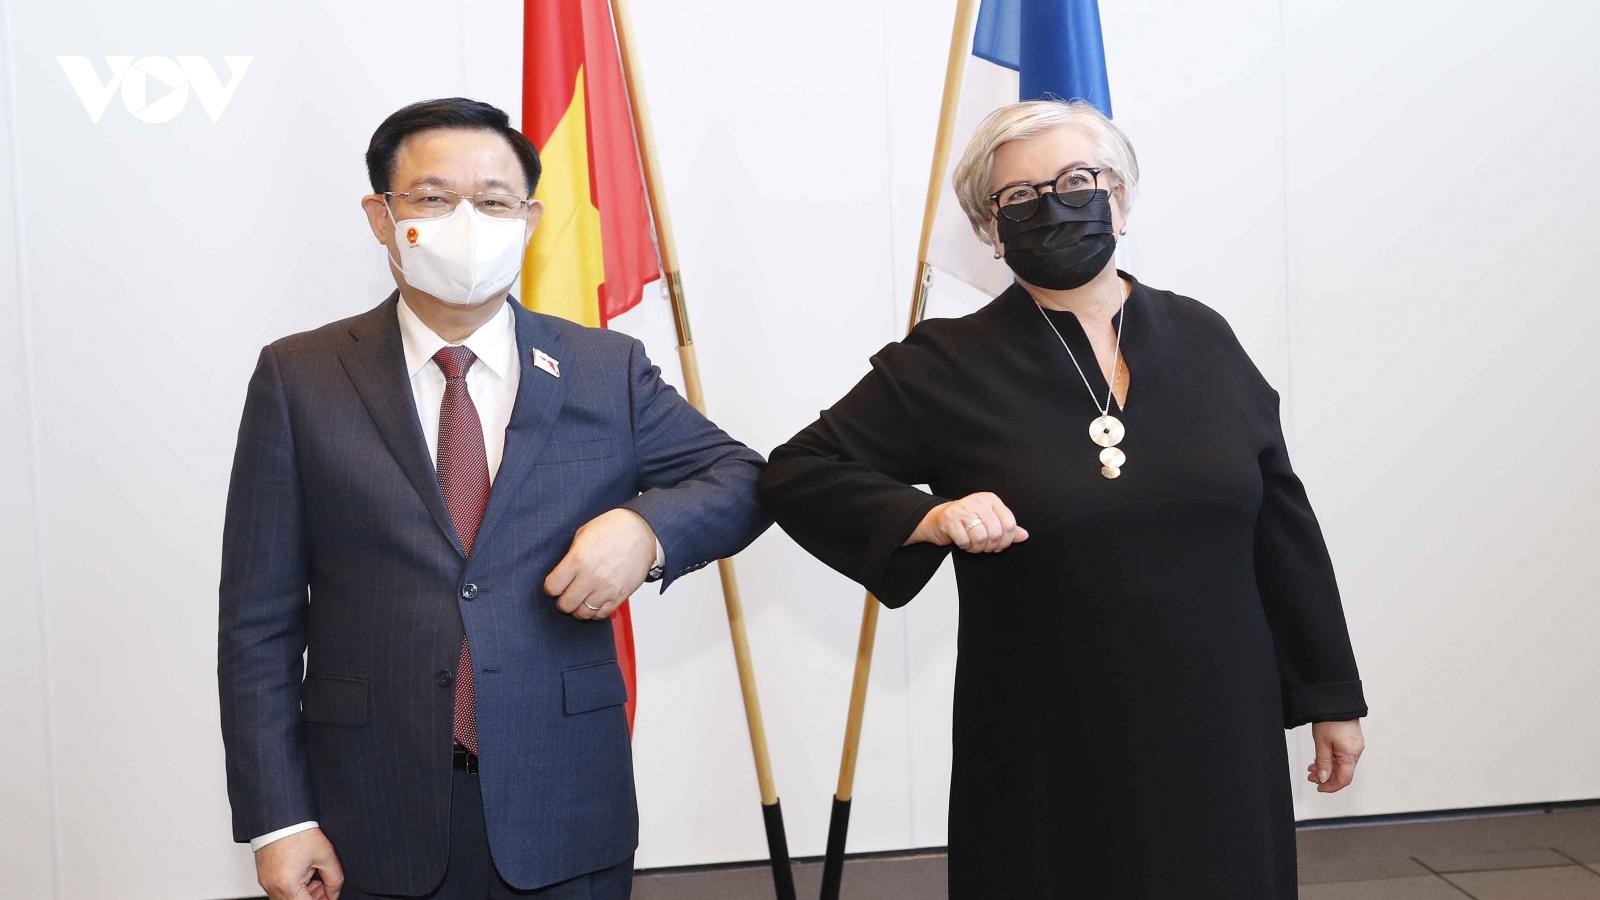 Chủ tịch Quốc hội Vương Đình Huệ hội đàm với Chủ tịch Quốc hội Phần Lan